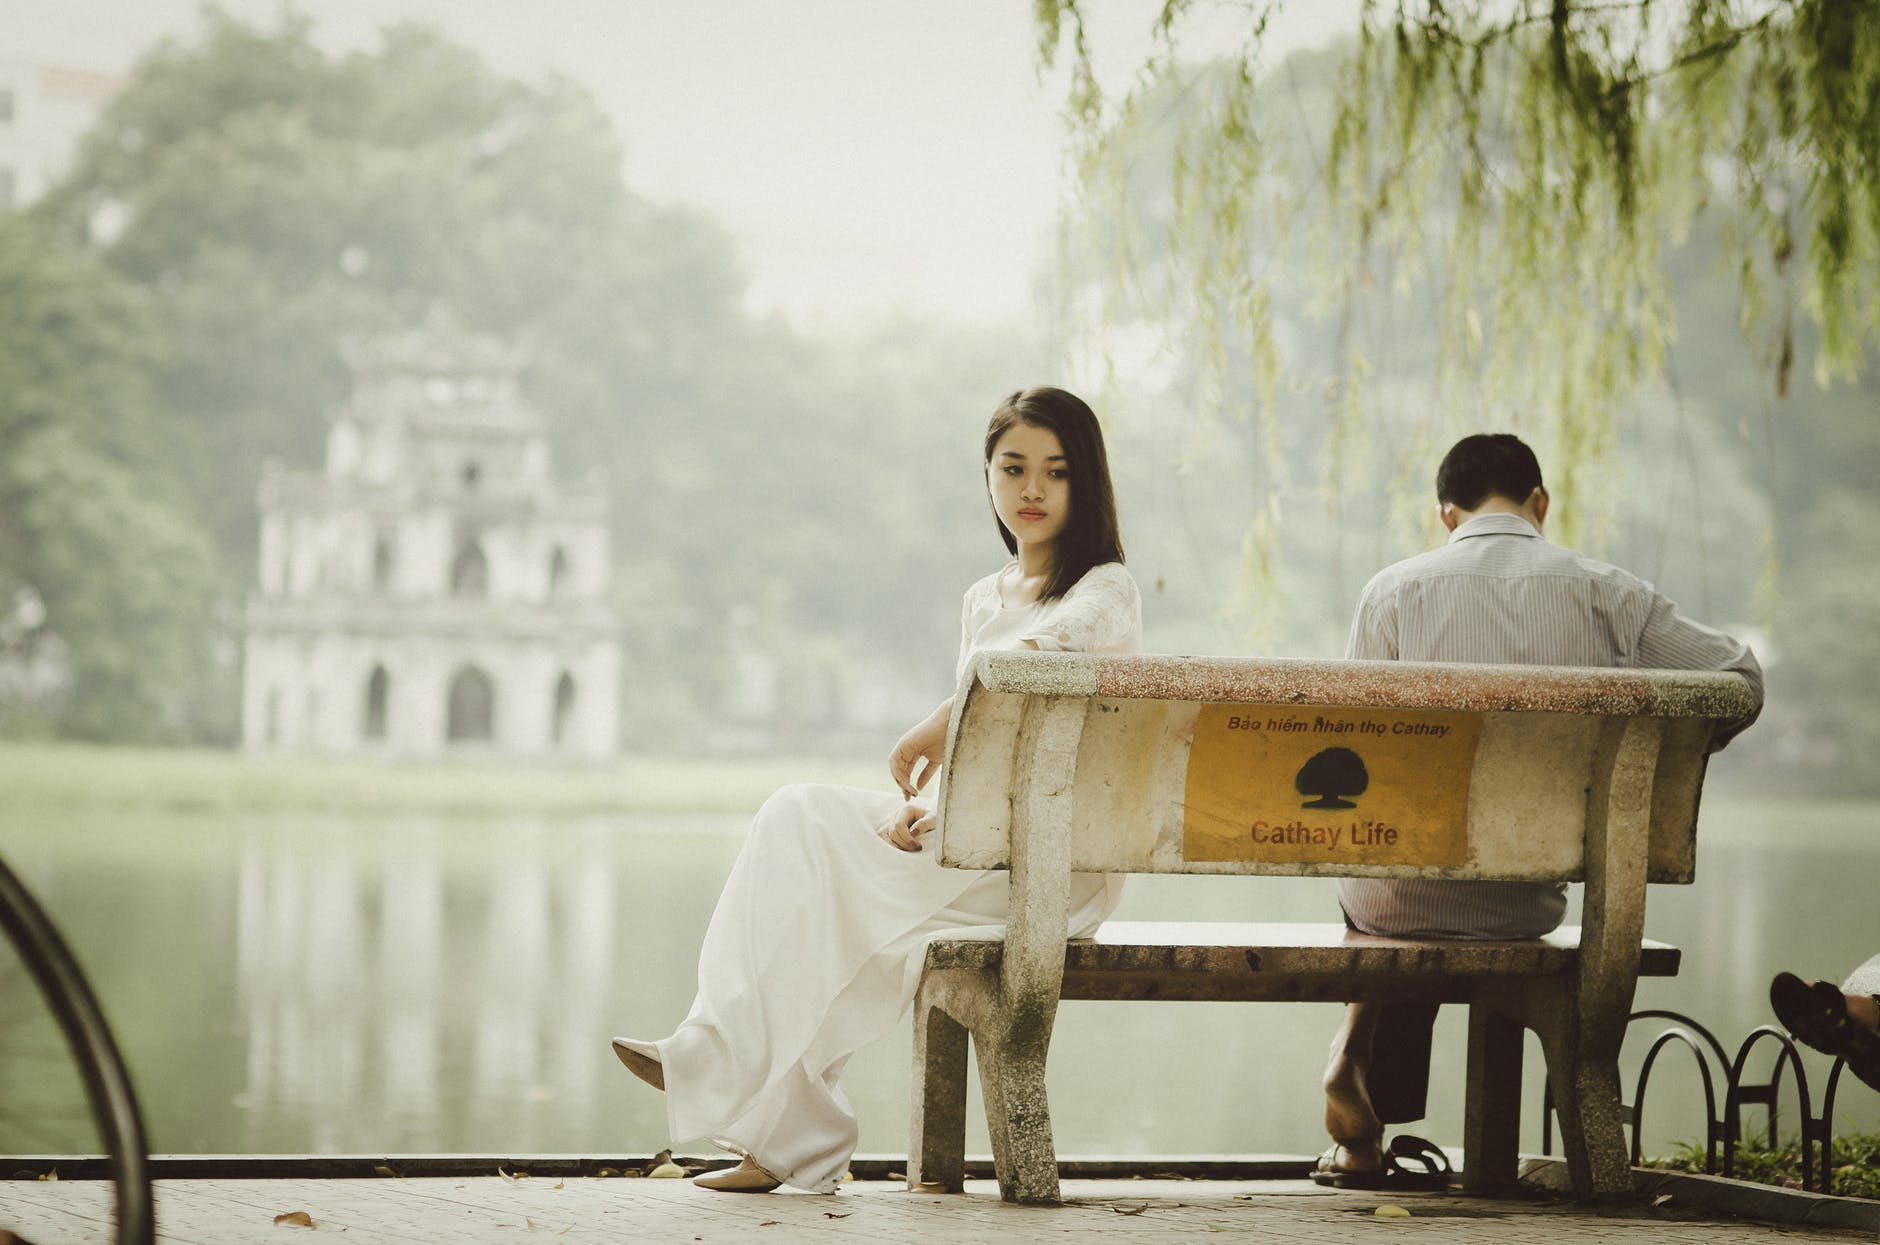 comment récupérer son ex